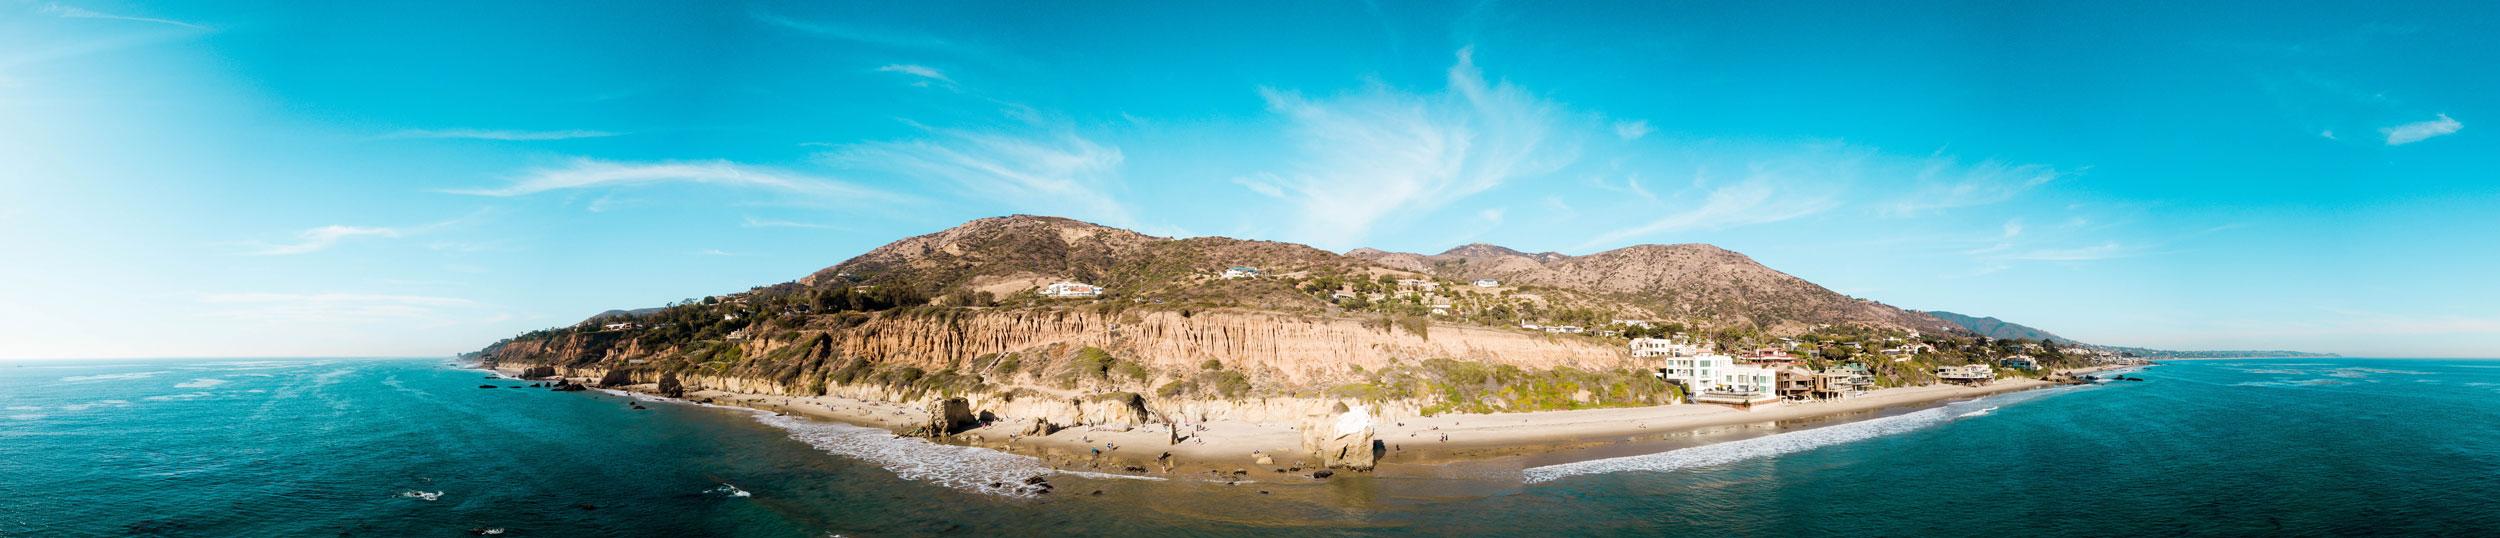 360 - Grad - Fotografie/360° Aufnahme Betrachter sieht Kulisse als Panorama